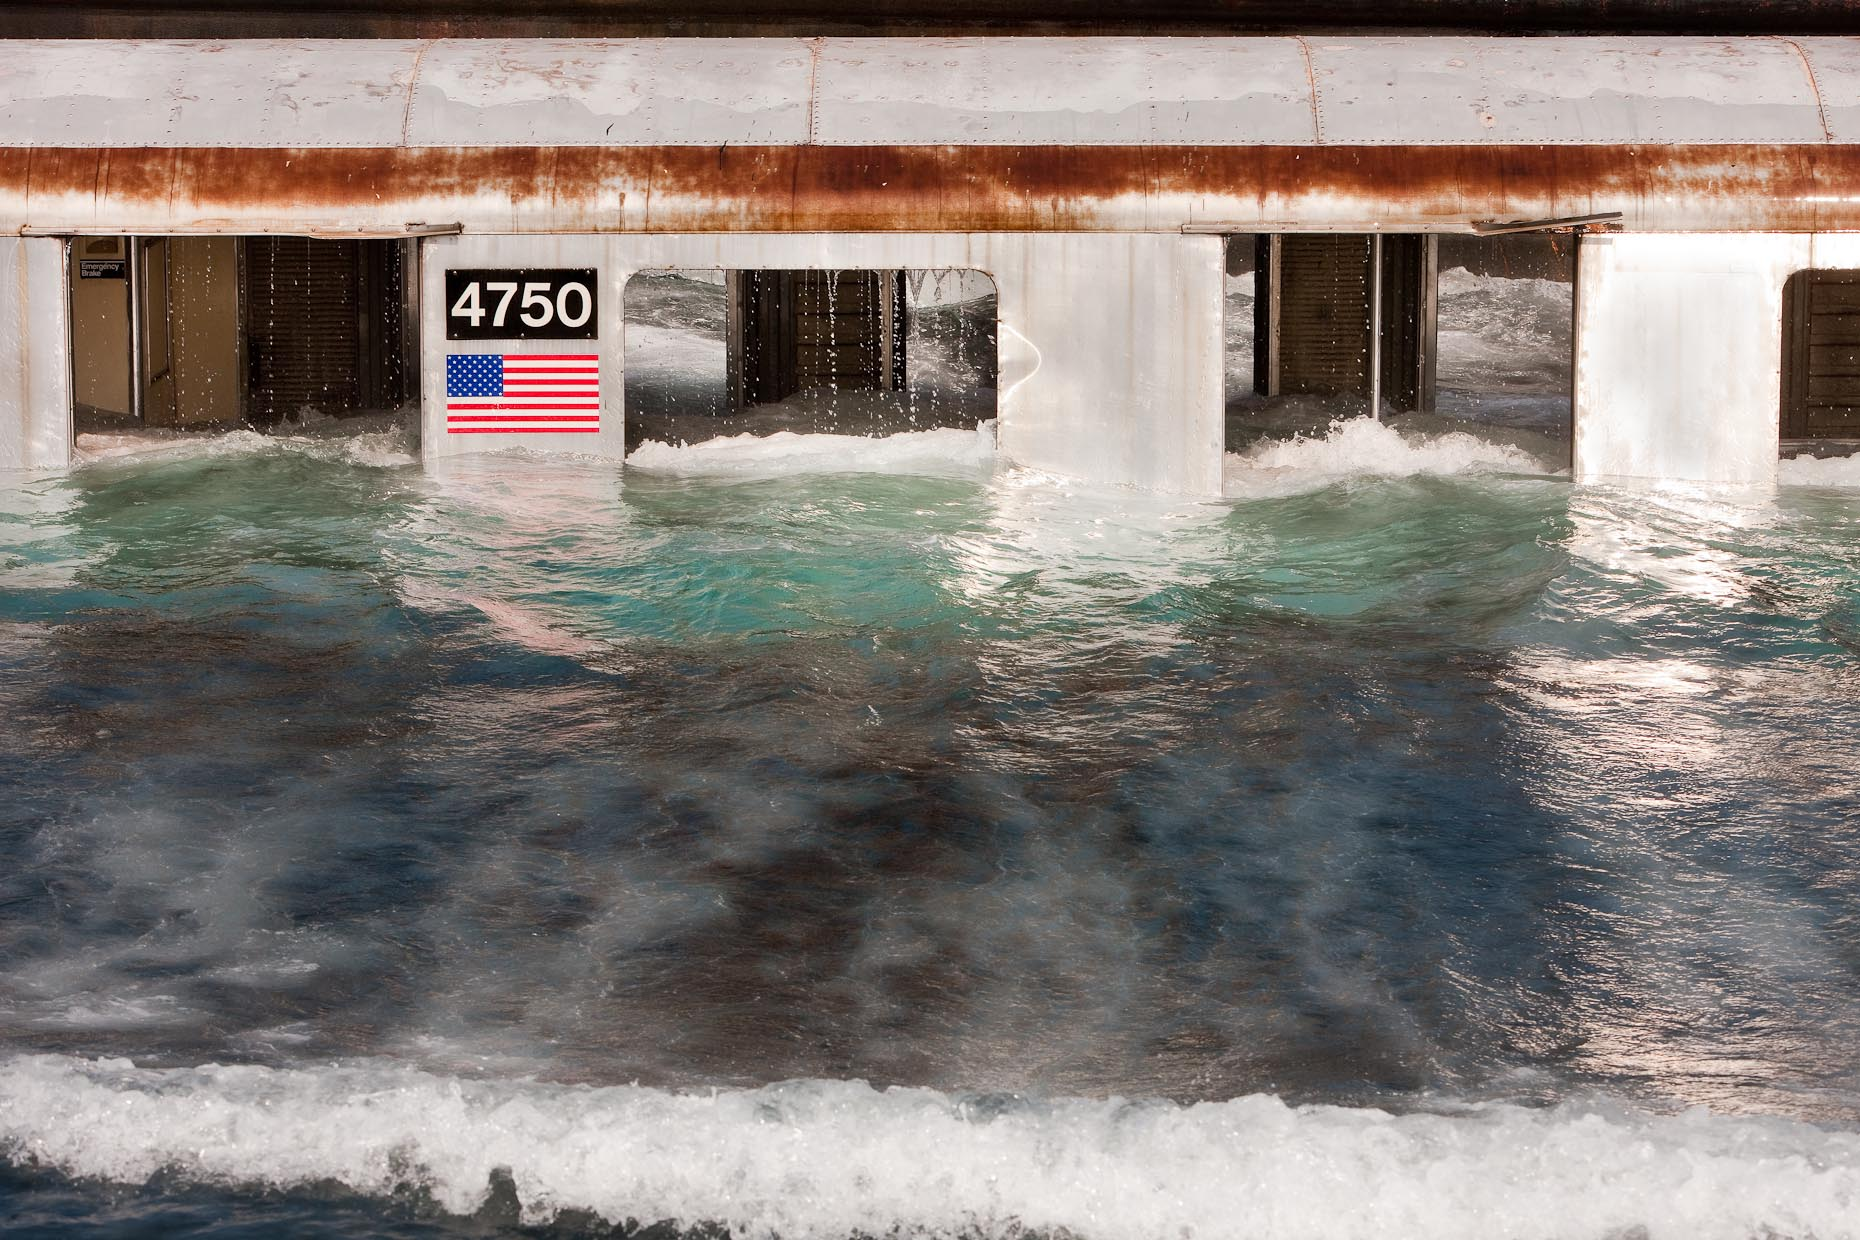 Recifes artificiais, imagem de metro afundando no oceano